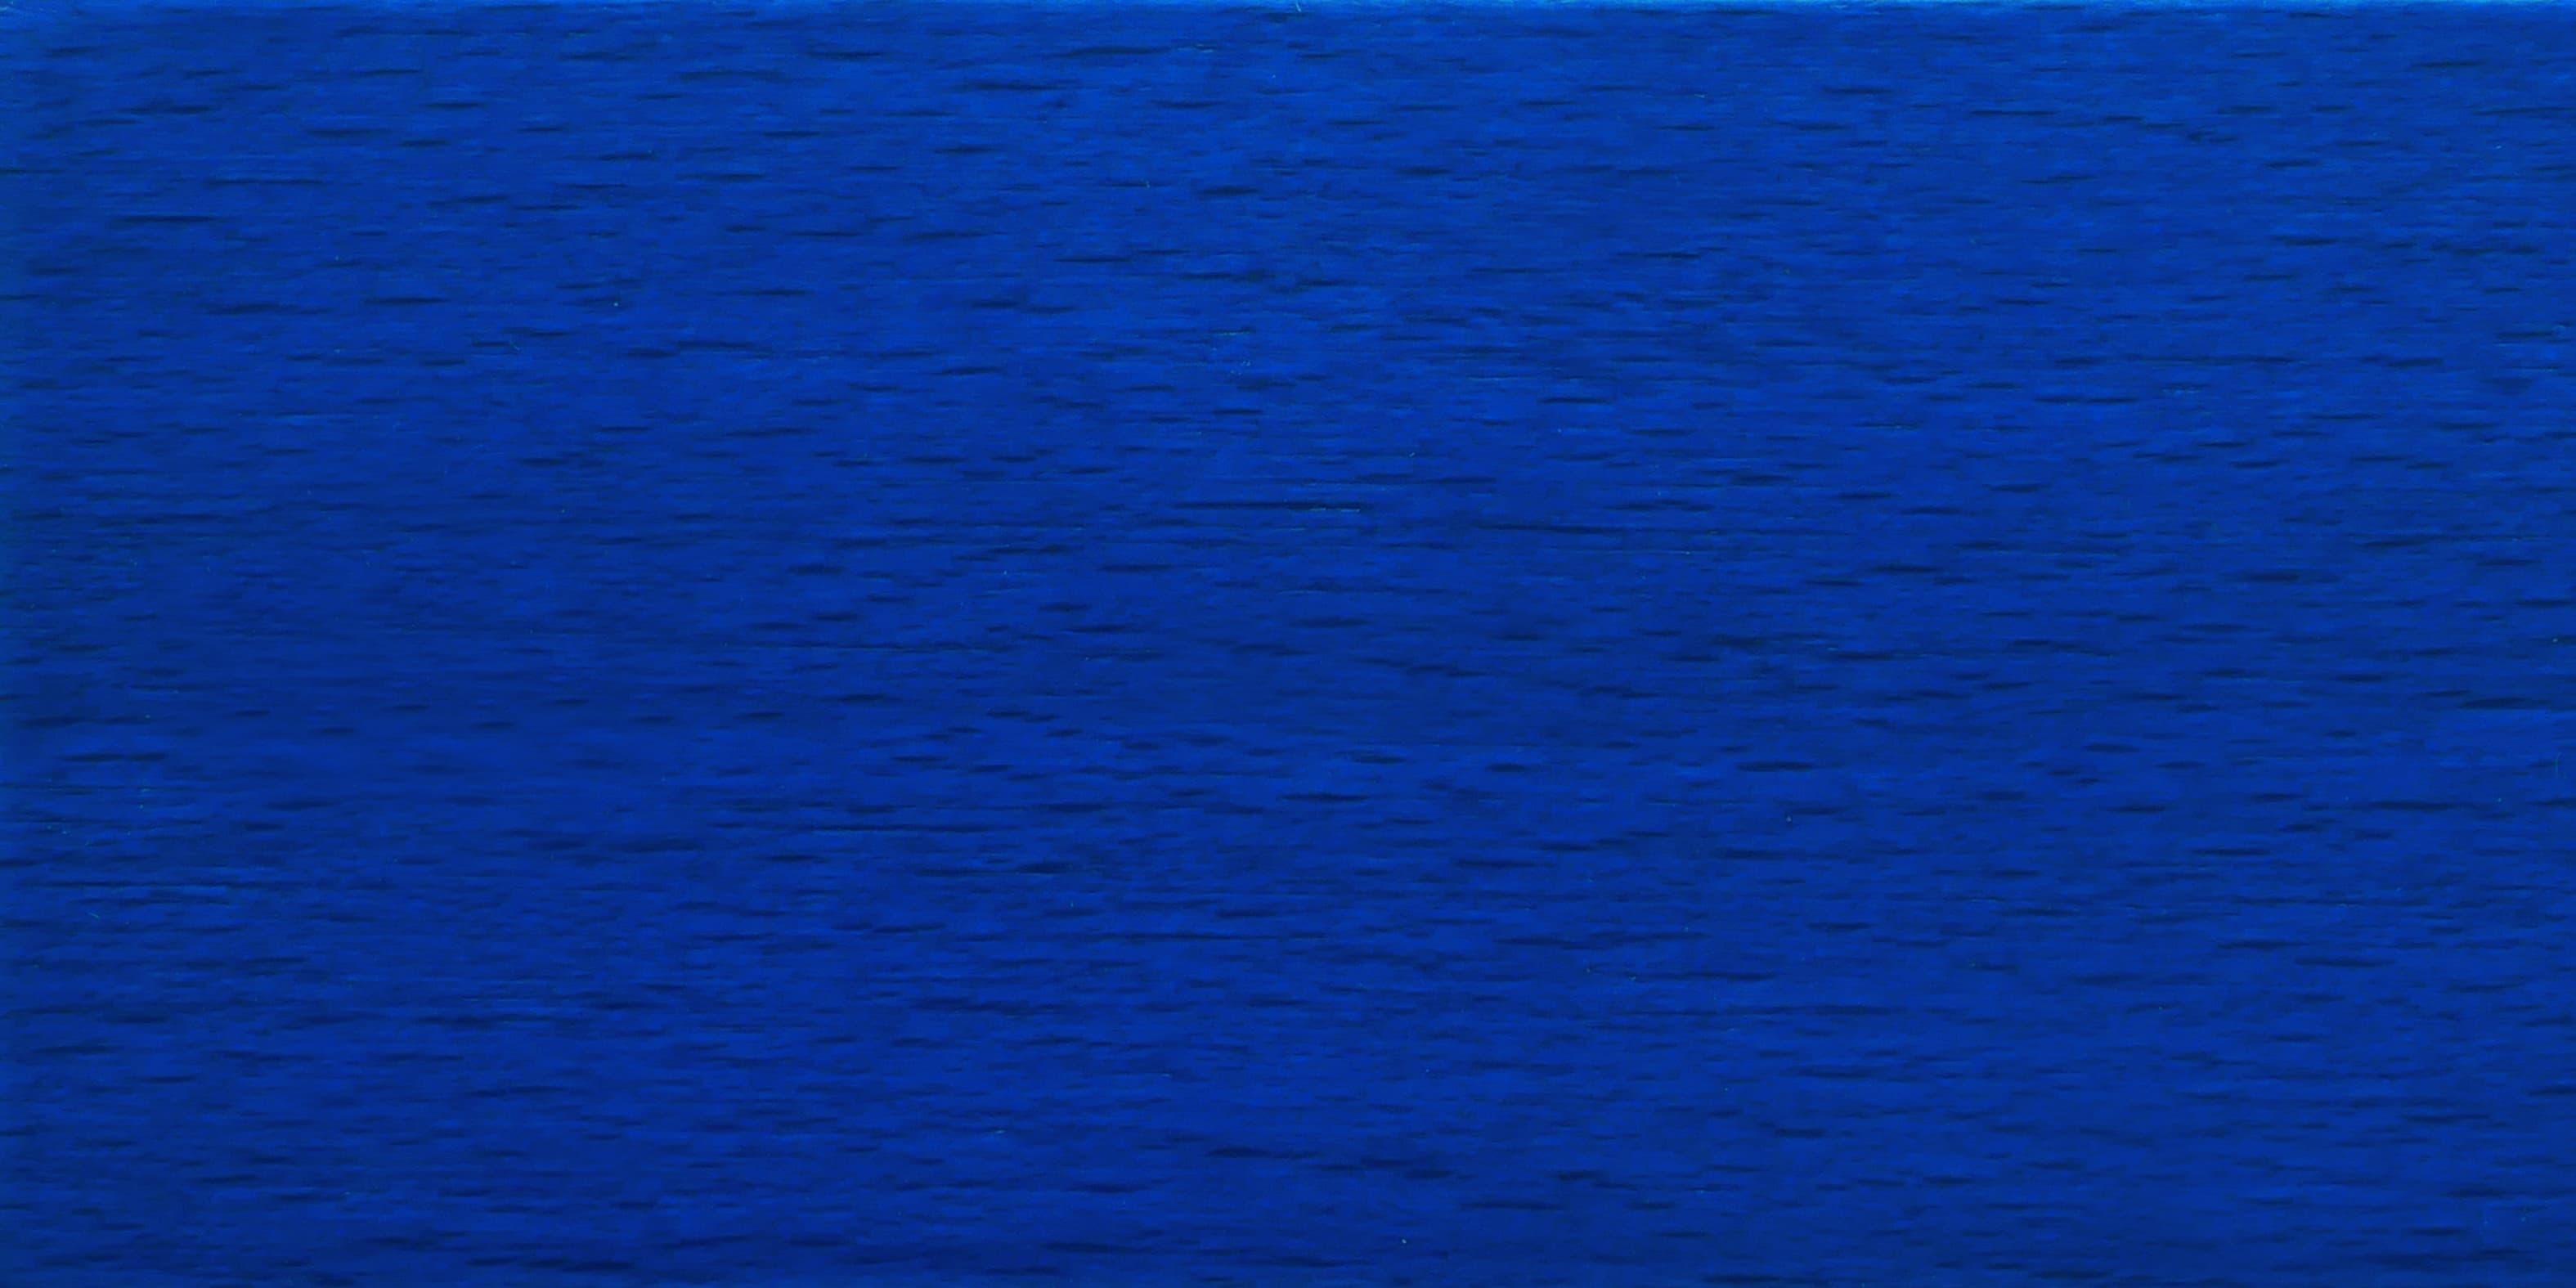 Tabelle-4-Stollen-Lack-blau